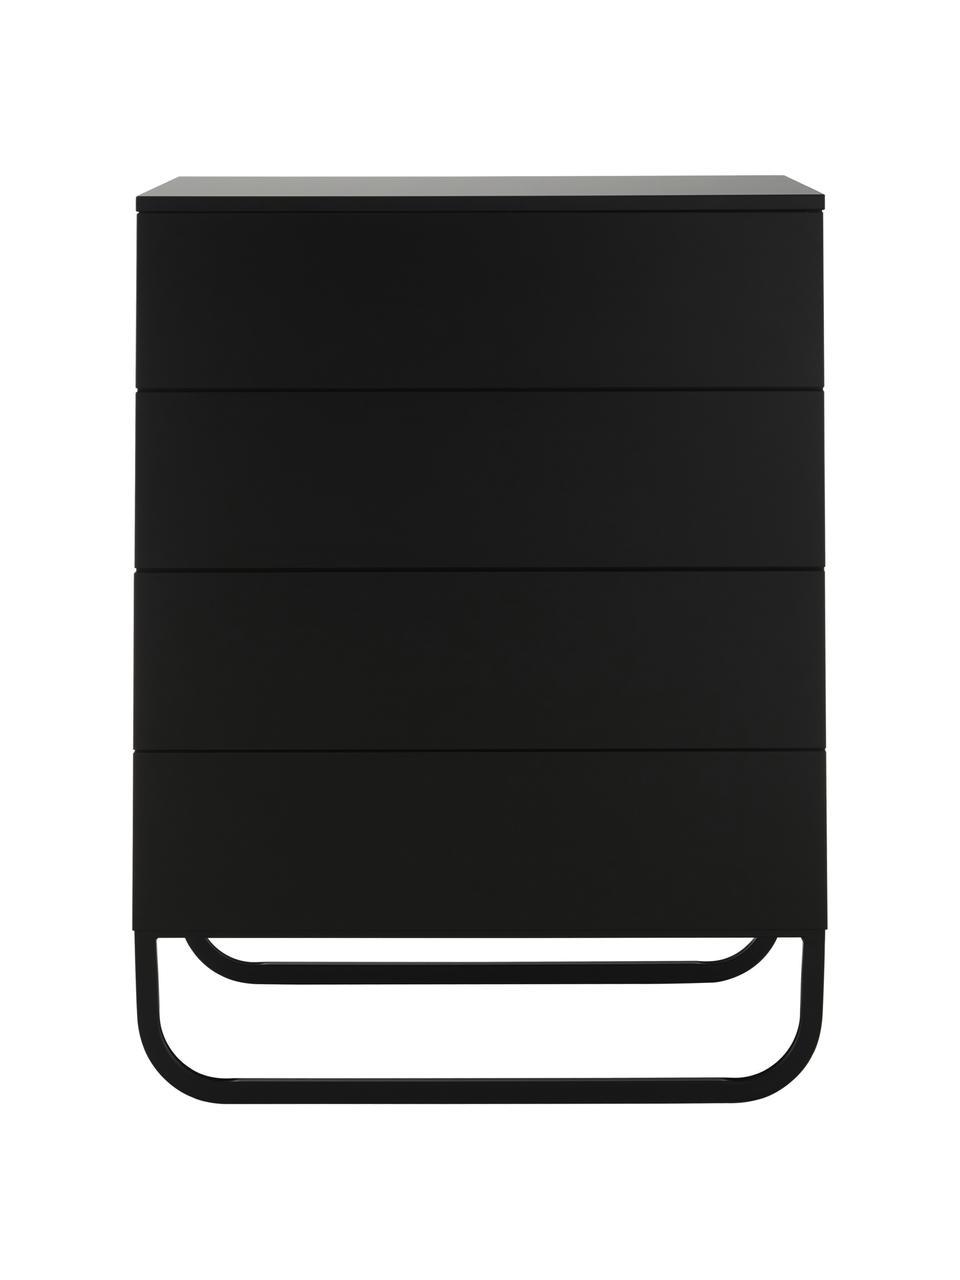 Schubladenkommode Sanford in Schwarz, Korpus: Mitteldichte Holzfaserpla, Fußgestell: Metall, pulverbeschichtet, Schwarz, 80 x 106 cm